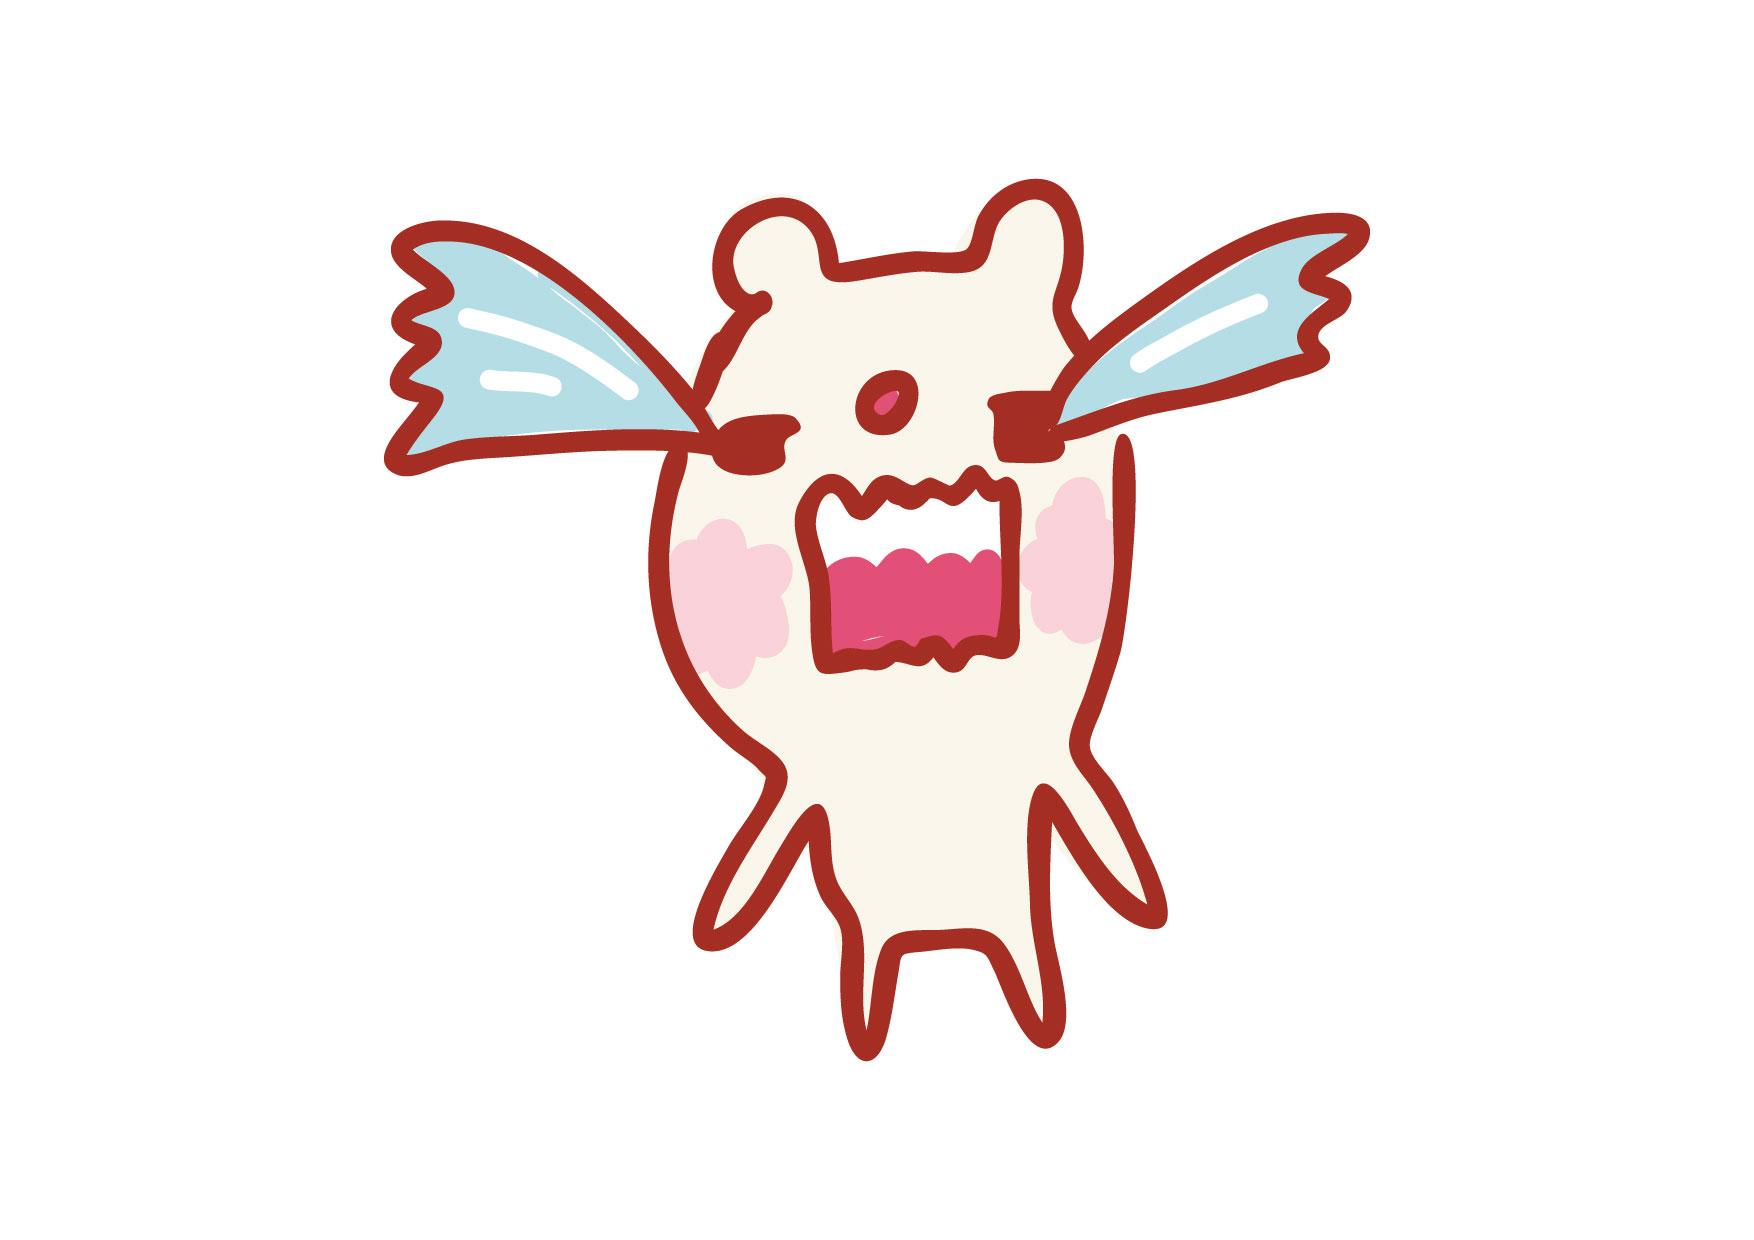 可愛いイラスト無料|くまさん 号泣 − free illustration Bear crying